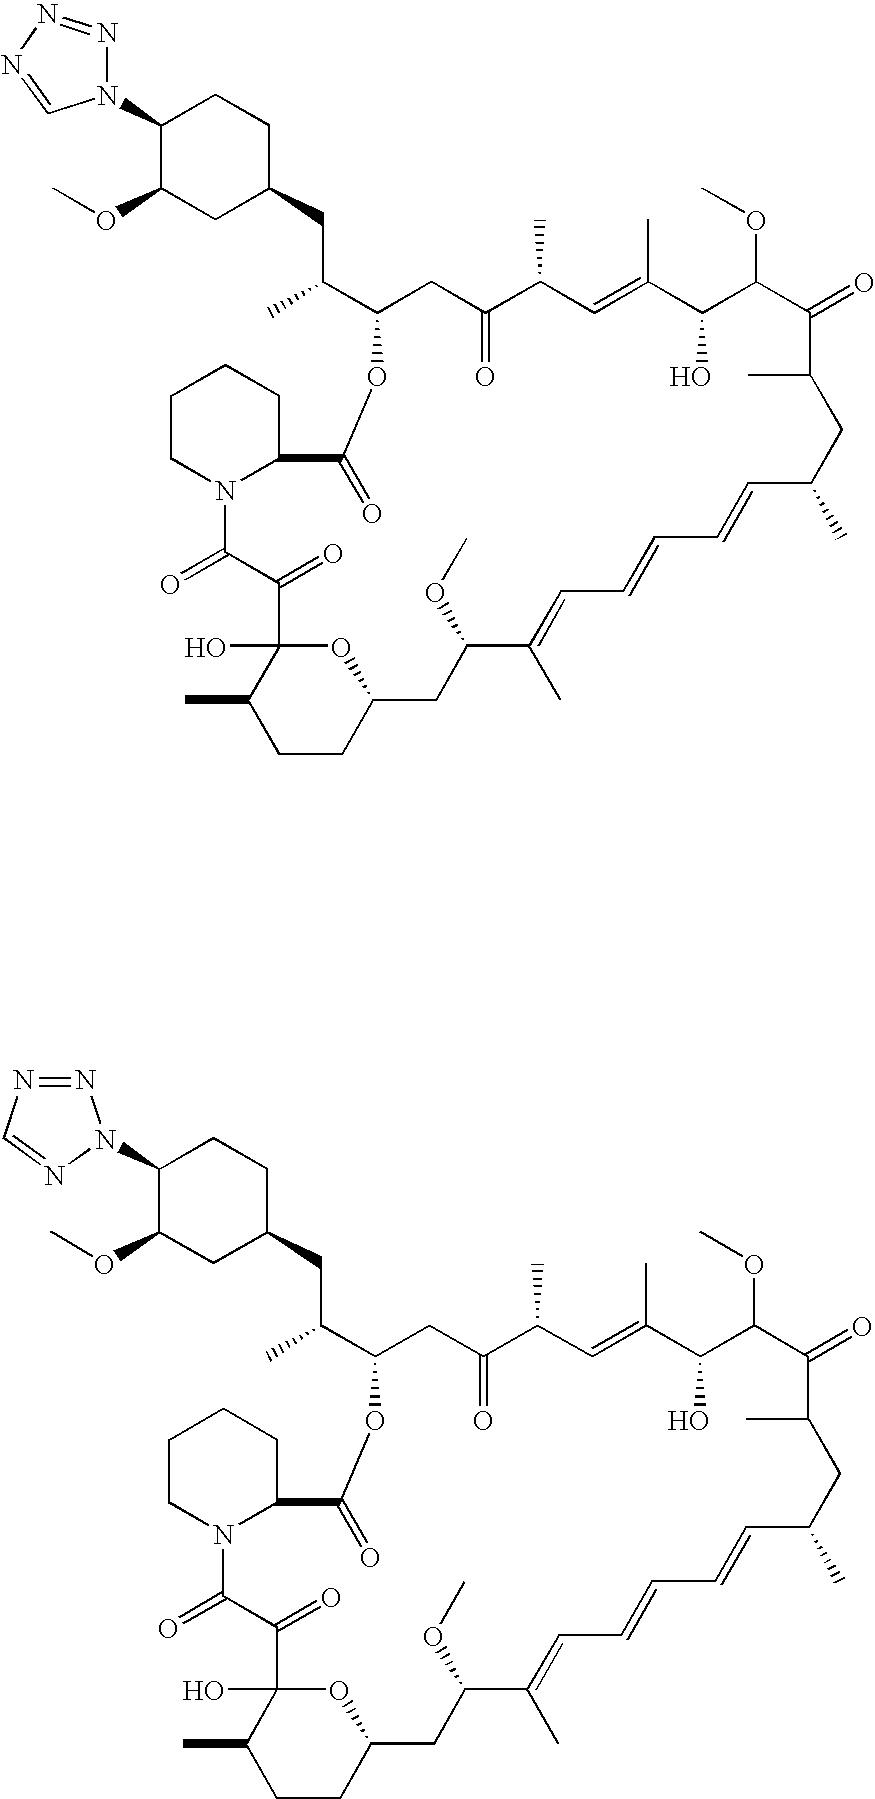 Figure US20090216317A1-20090827-C00008